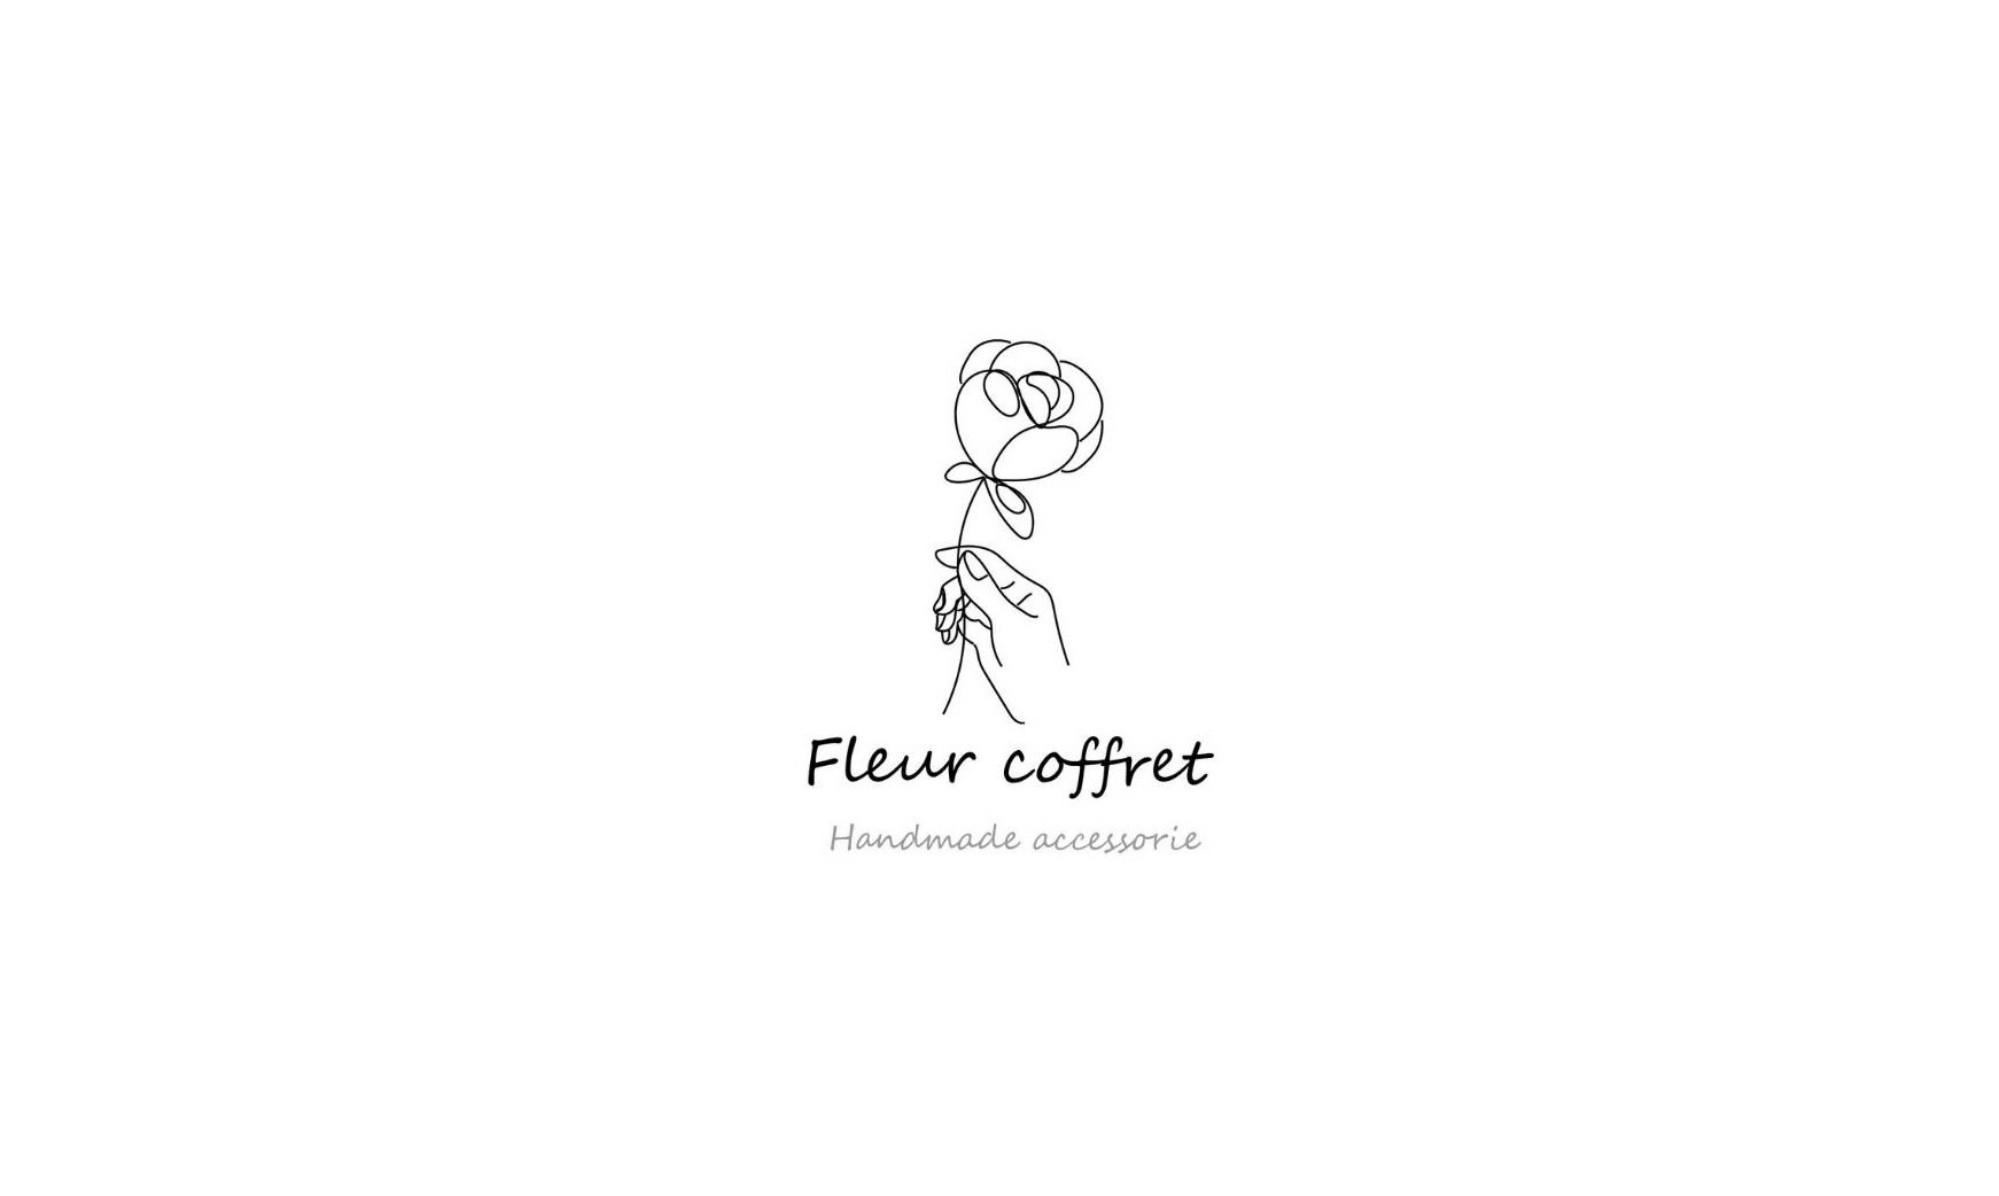 fleur coffret